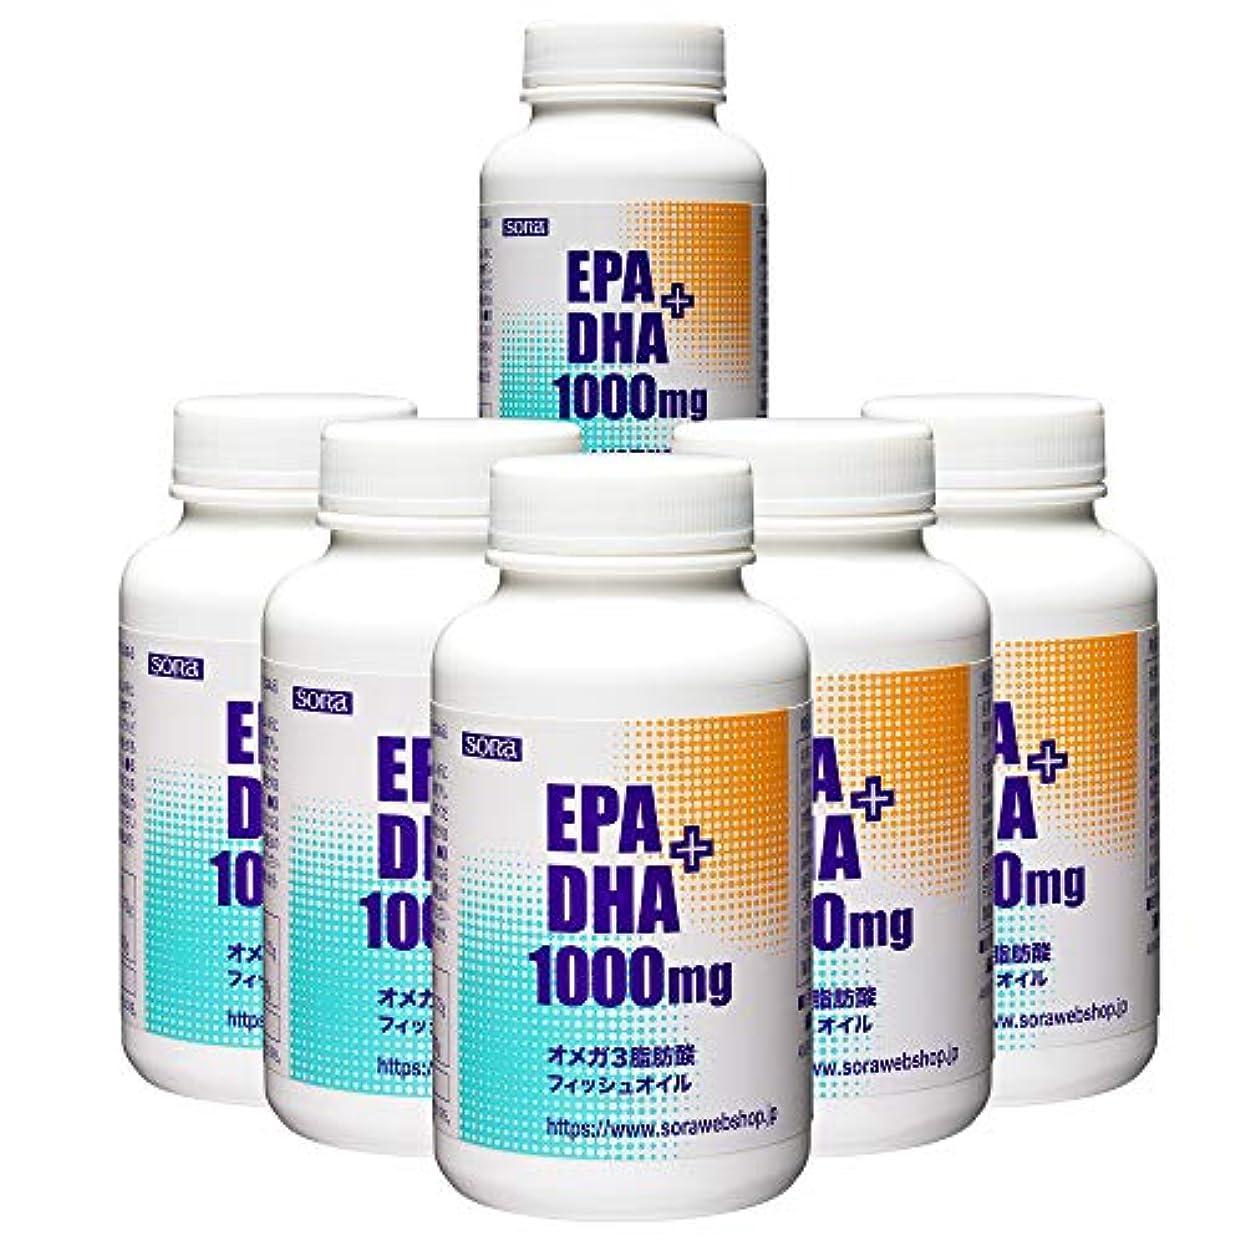 安定最も早い格差【まとめ買い】そら EPA+DHA 1000mg (魚のオイル オメガ3) 【180粒入 × 6本セット】[10% OFF]